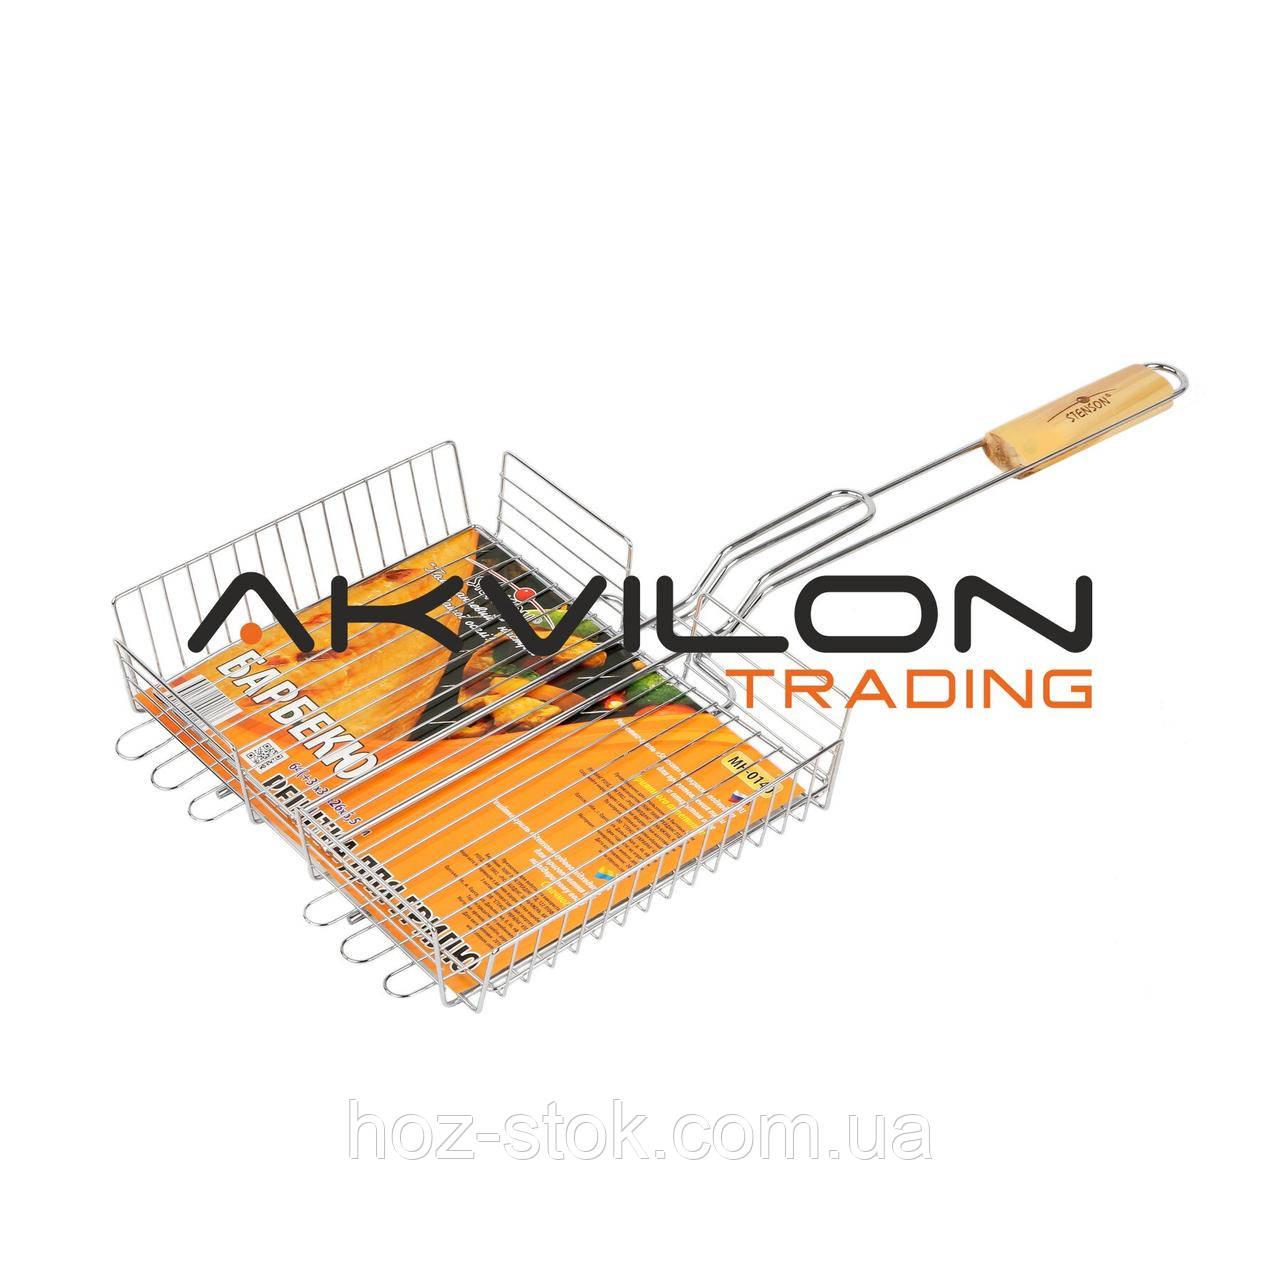 Решітка-гриль Stenson середня 64x31x26x6.5см МН-0140 (MPH004803)